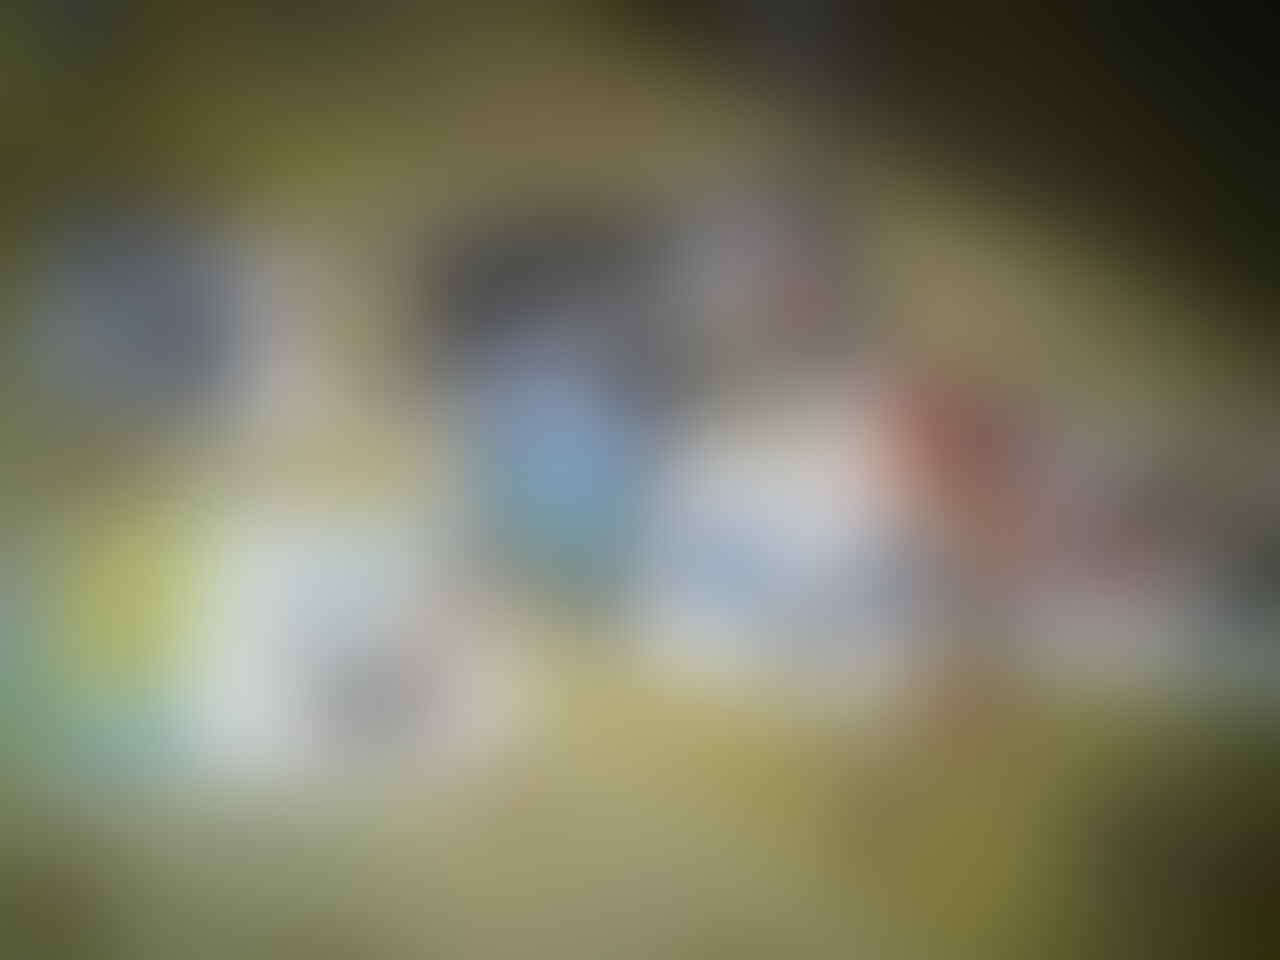 Mau jual/barter/tuker tambah games PS3 posting disini aja - Part 1